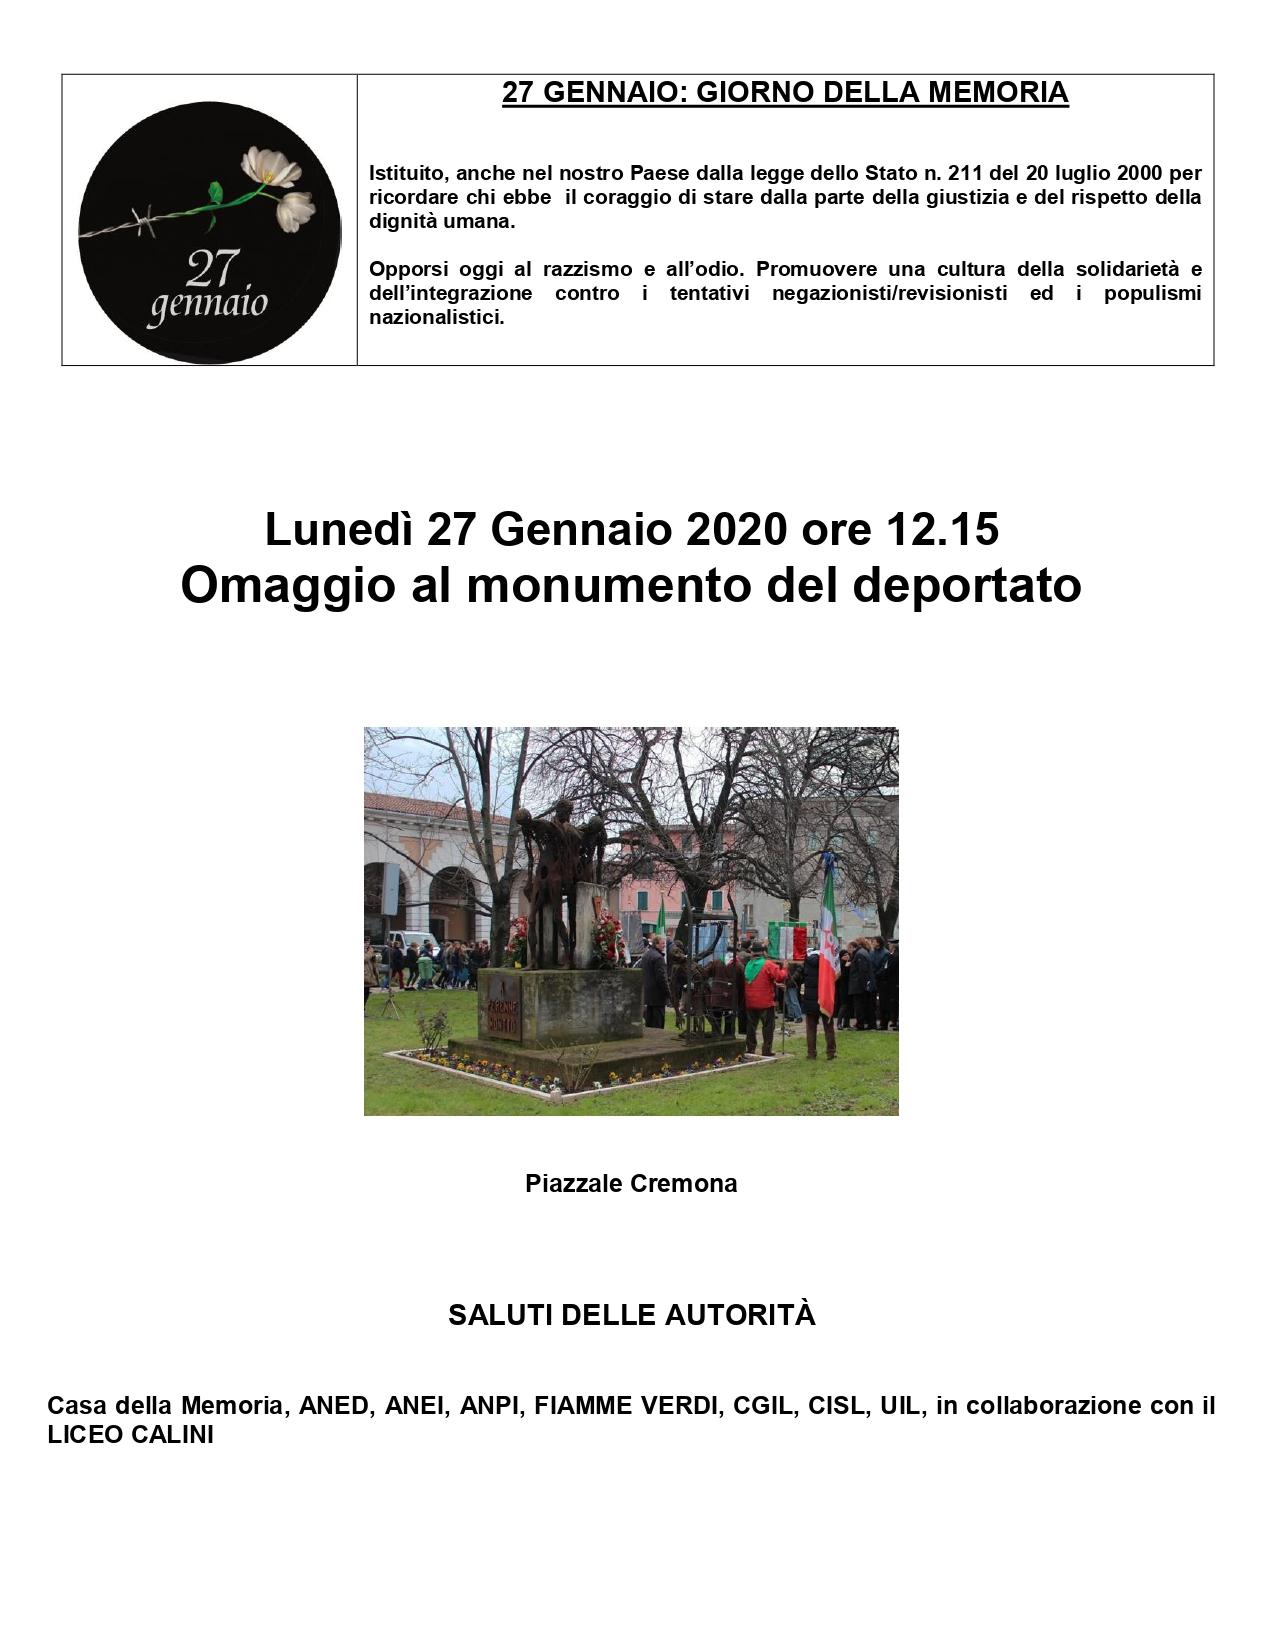 OMAGGIO AL MONUMENTO DEL DEPORTATO 2020confoto_page-0001